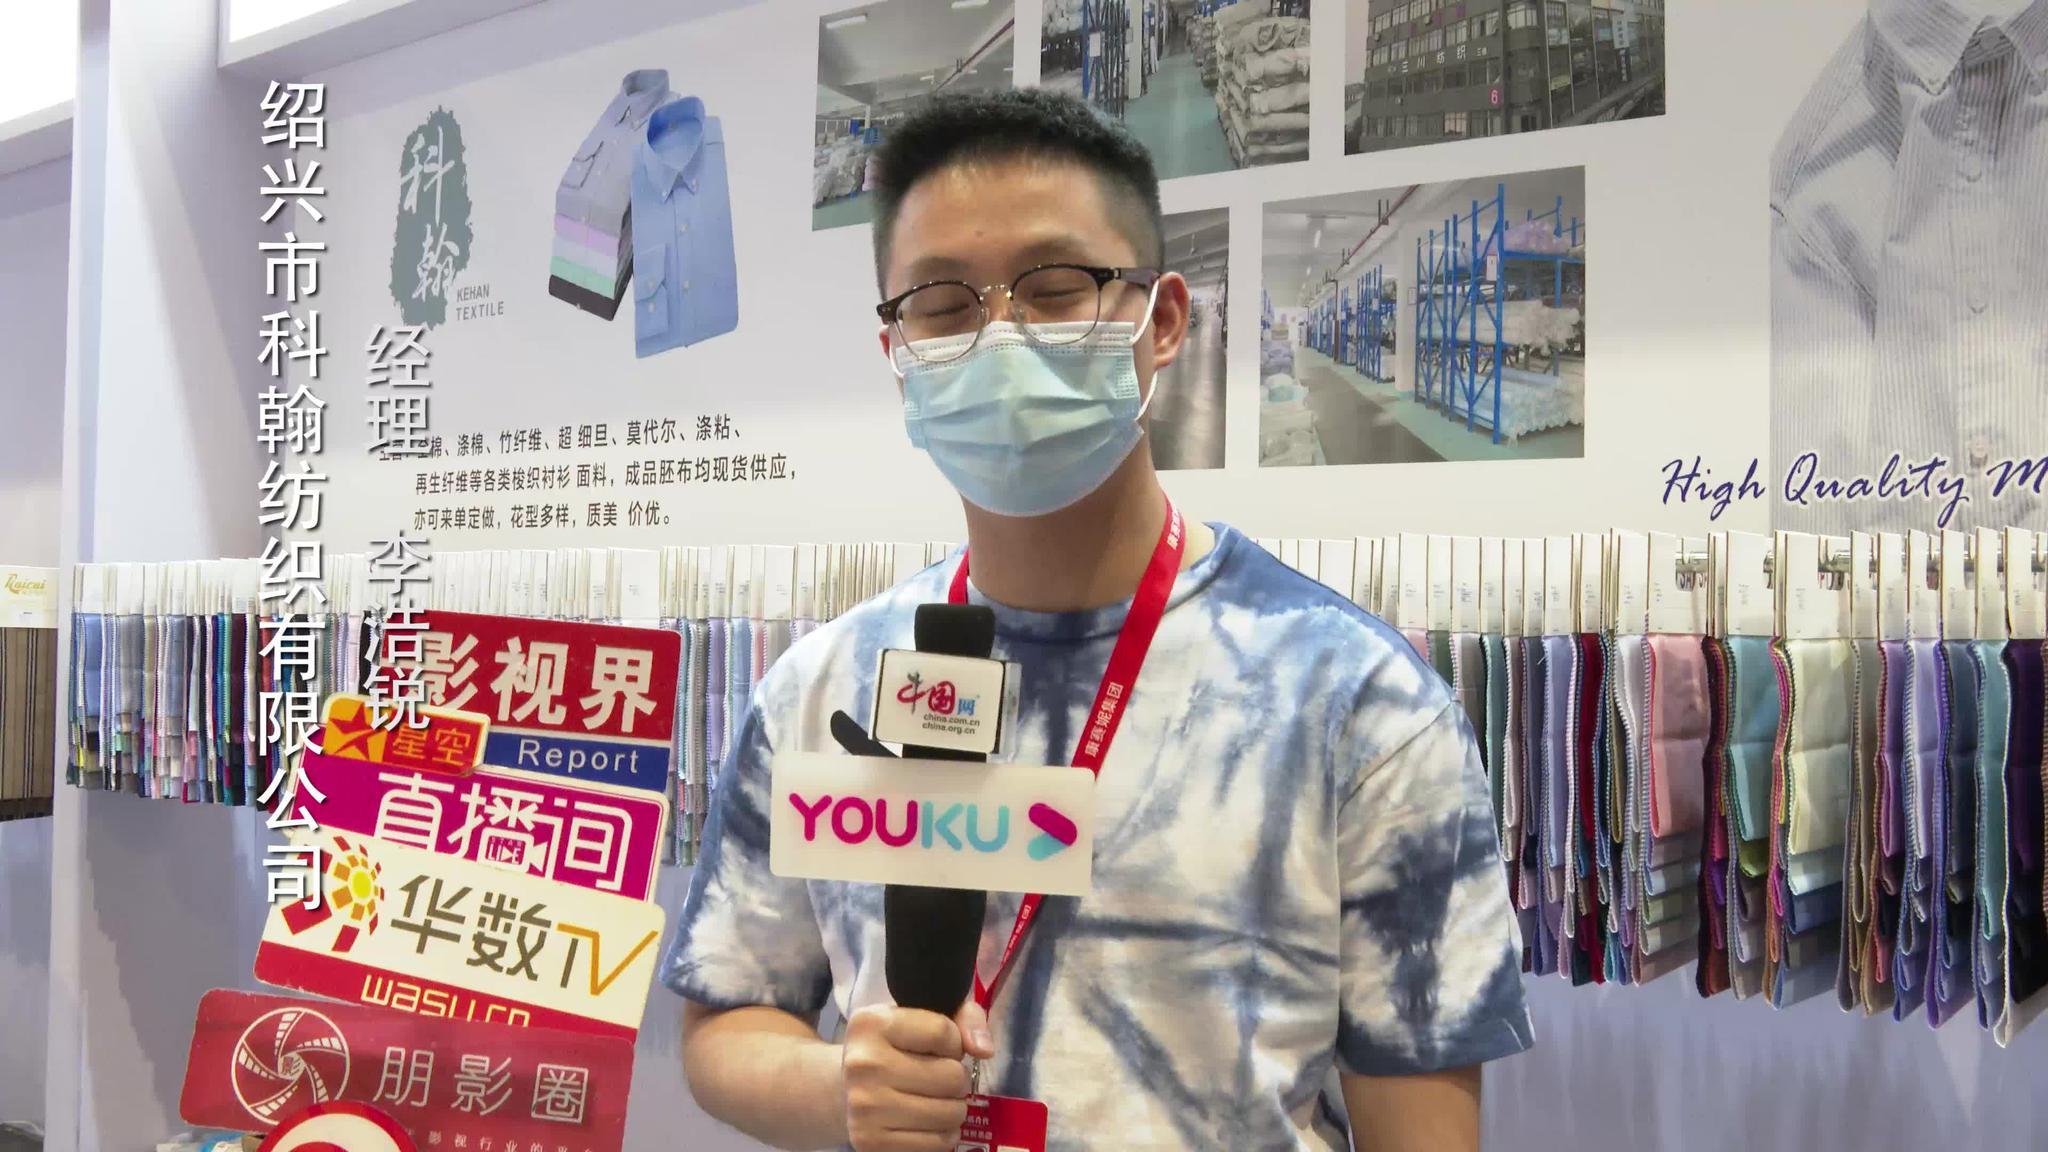 绍兴市科翰纺织有限公司 经理李浩锐